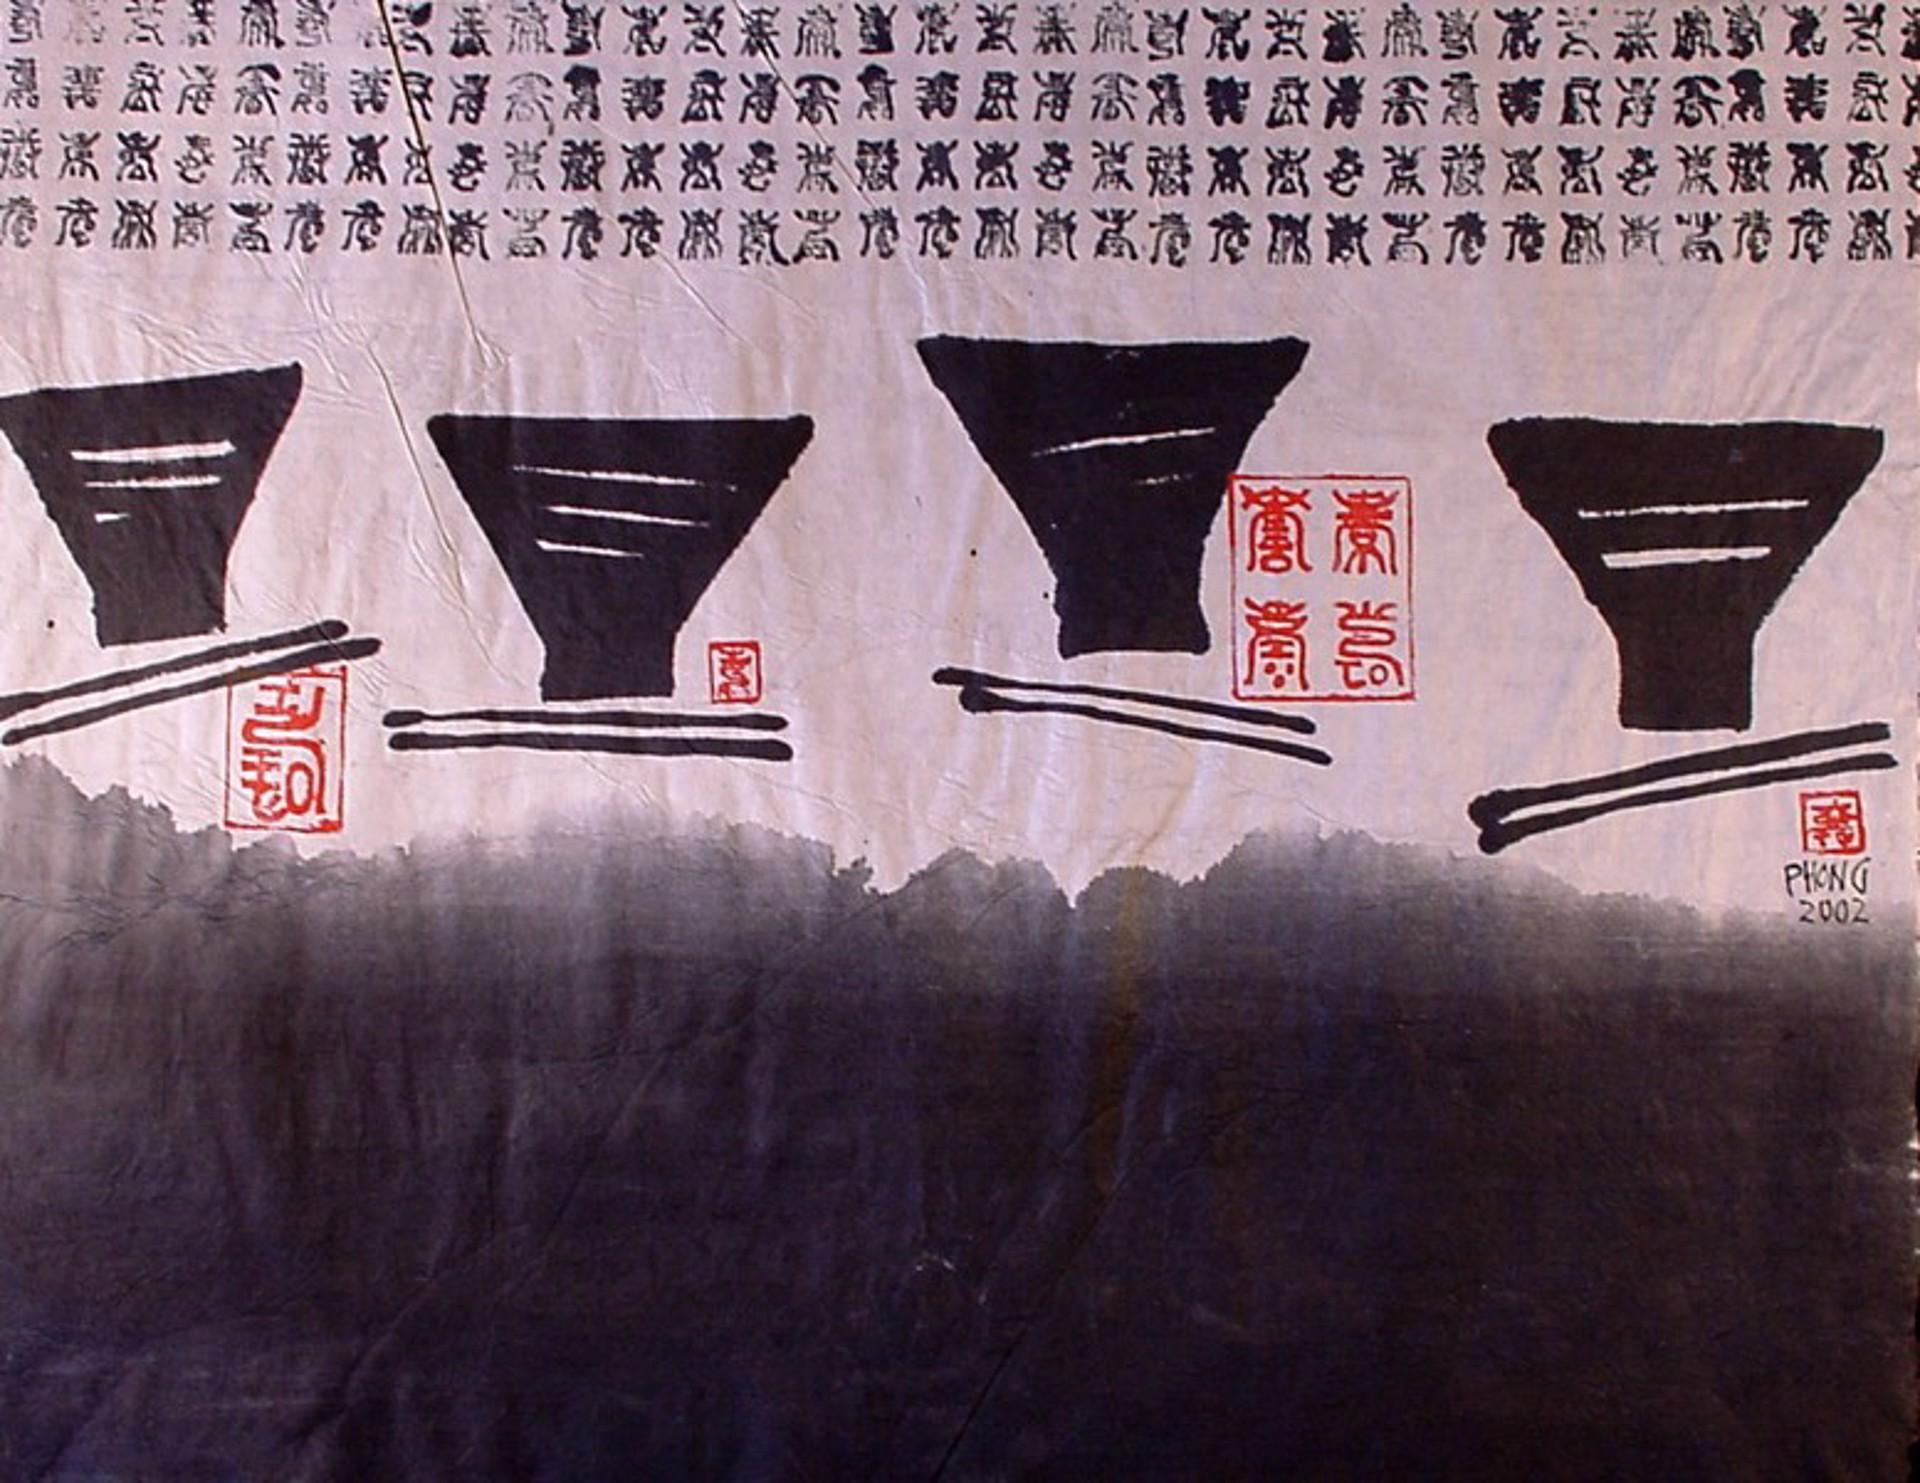 Rice Bowls by Hoang Thanh Vinh Phong